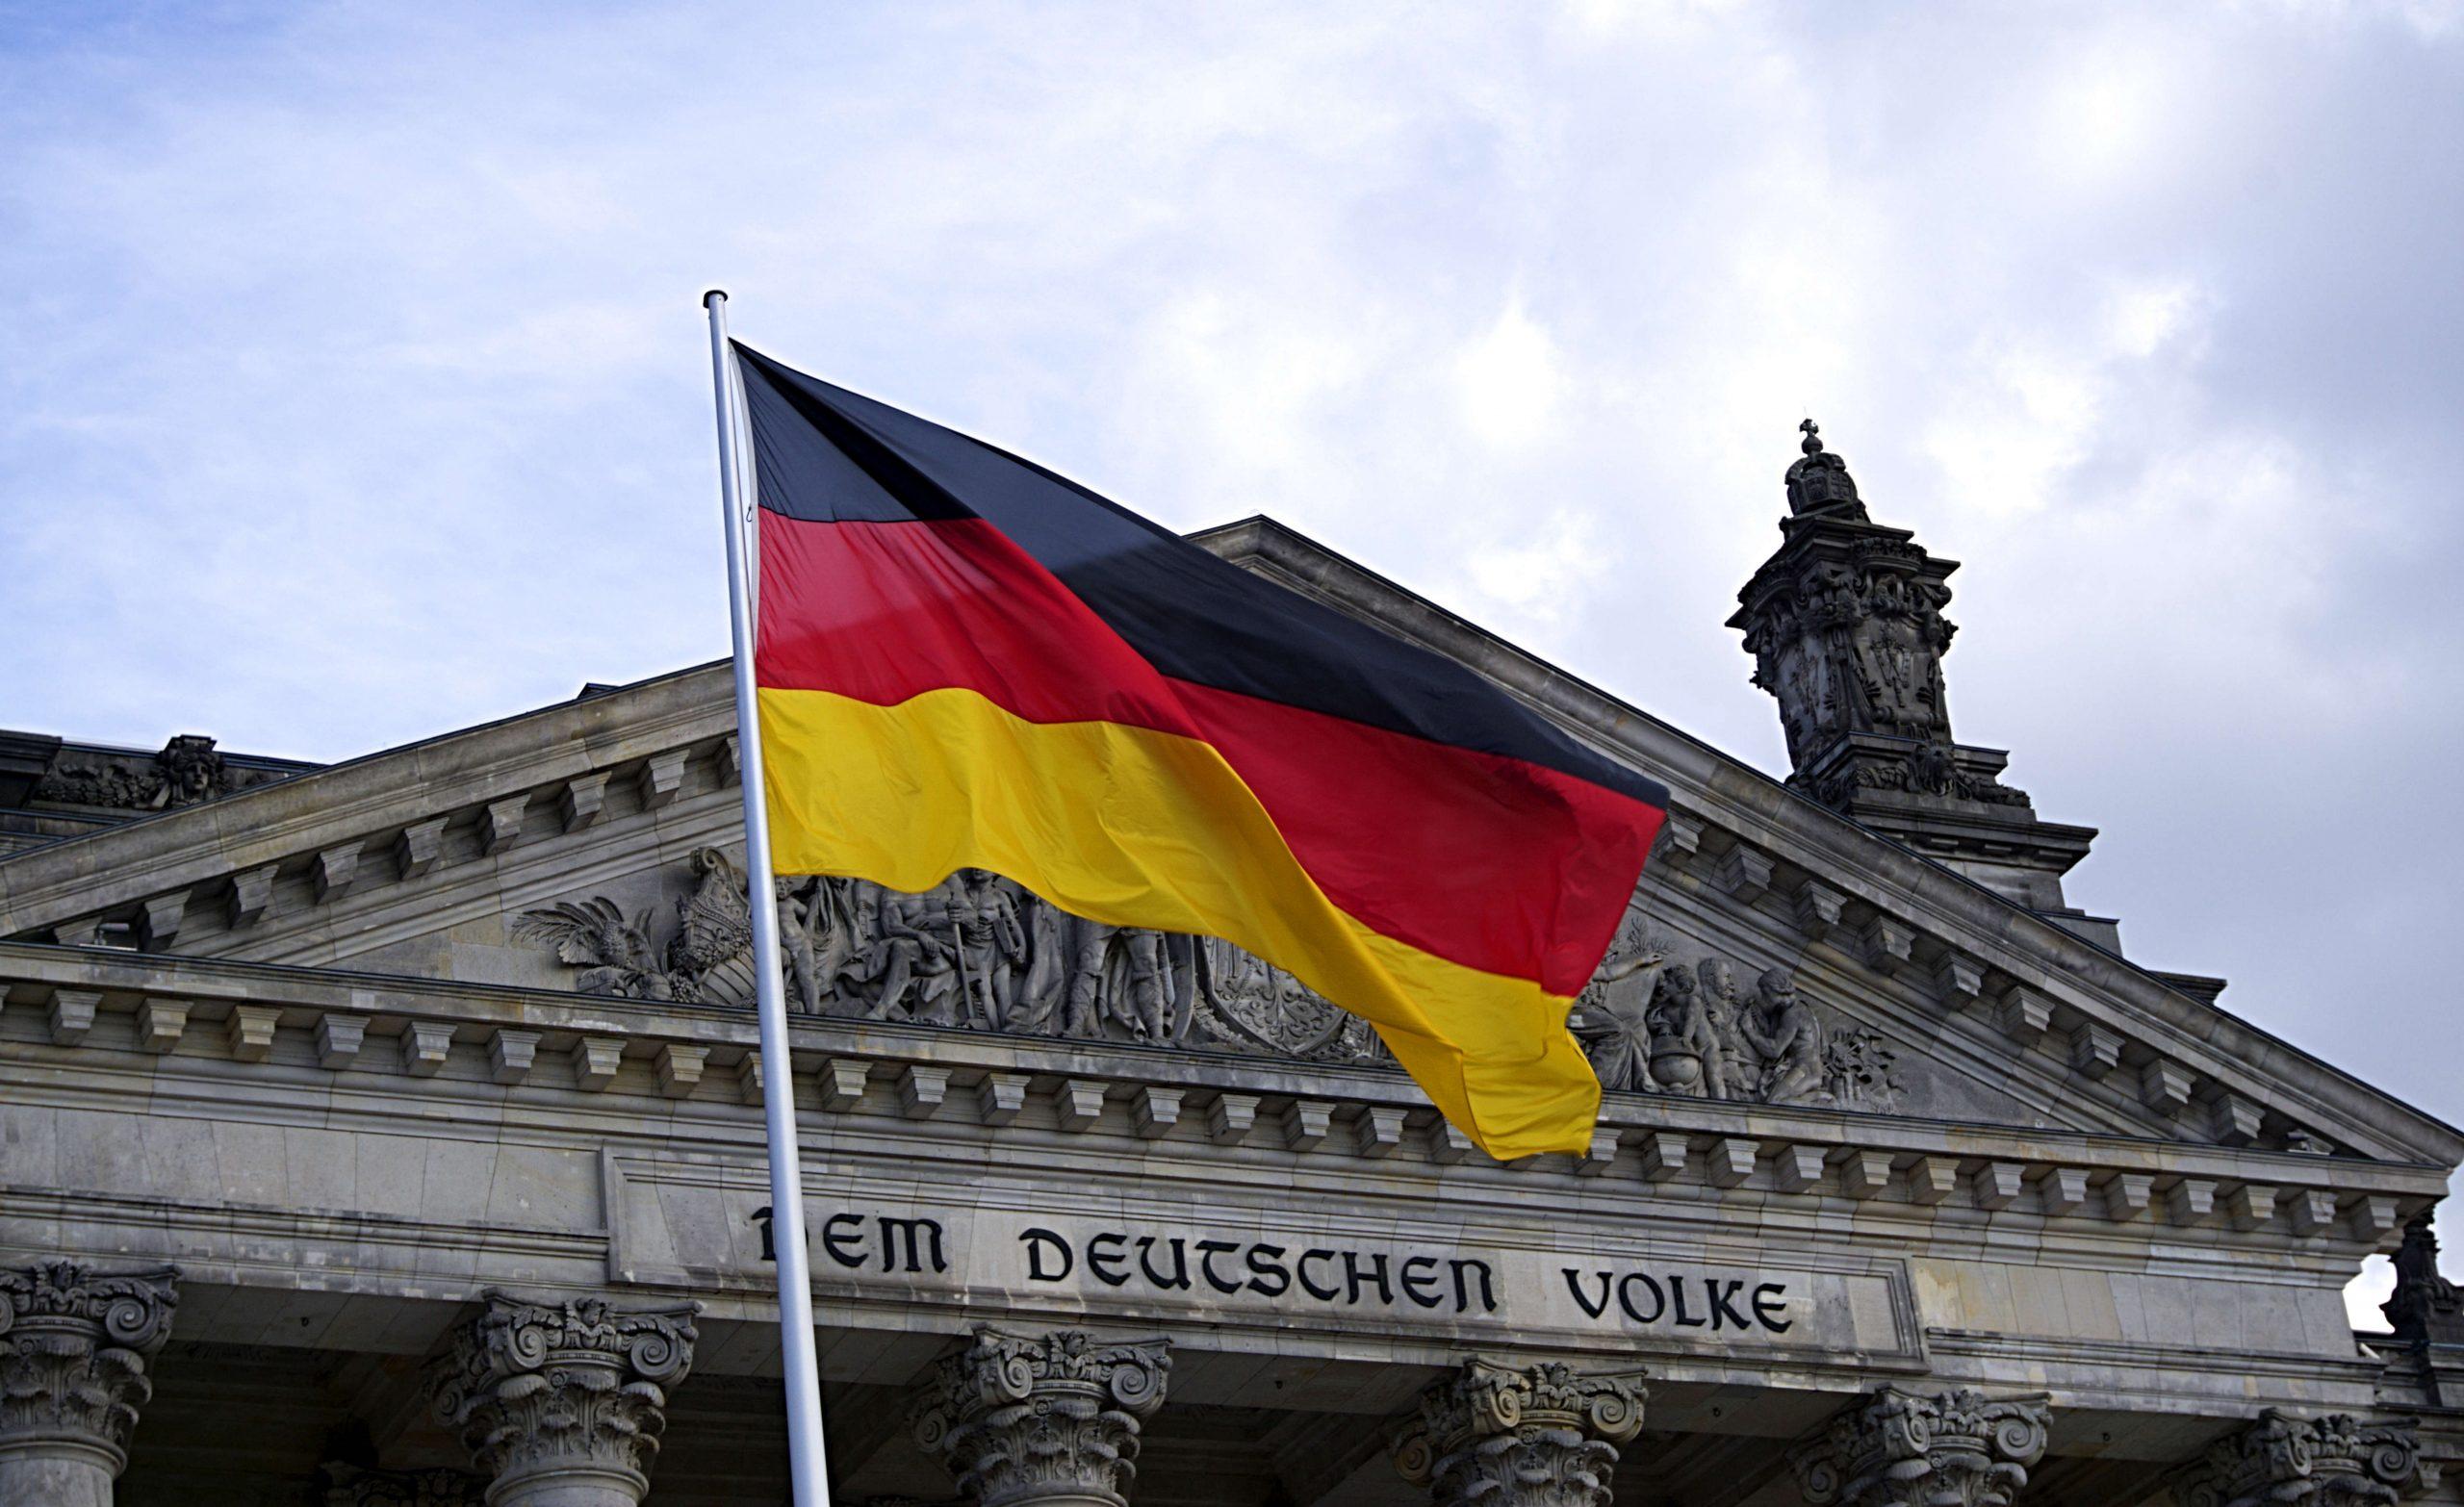 人工智慧科技於公部門之應用及其法制框架:德國國情報告